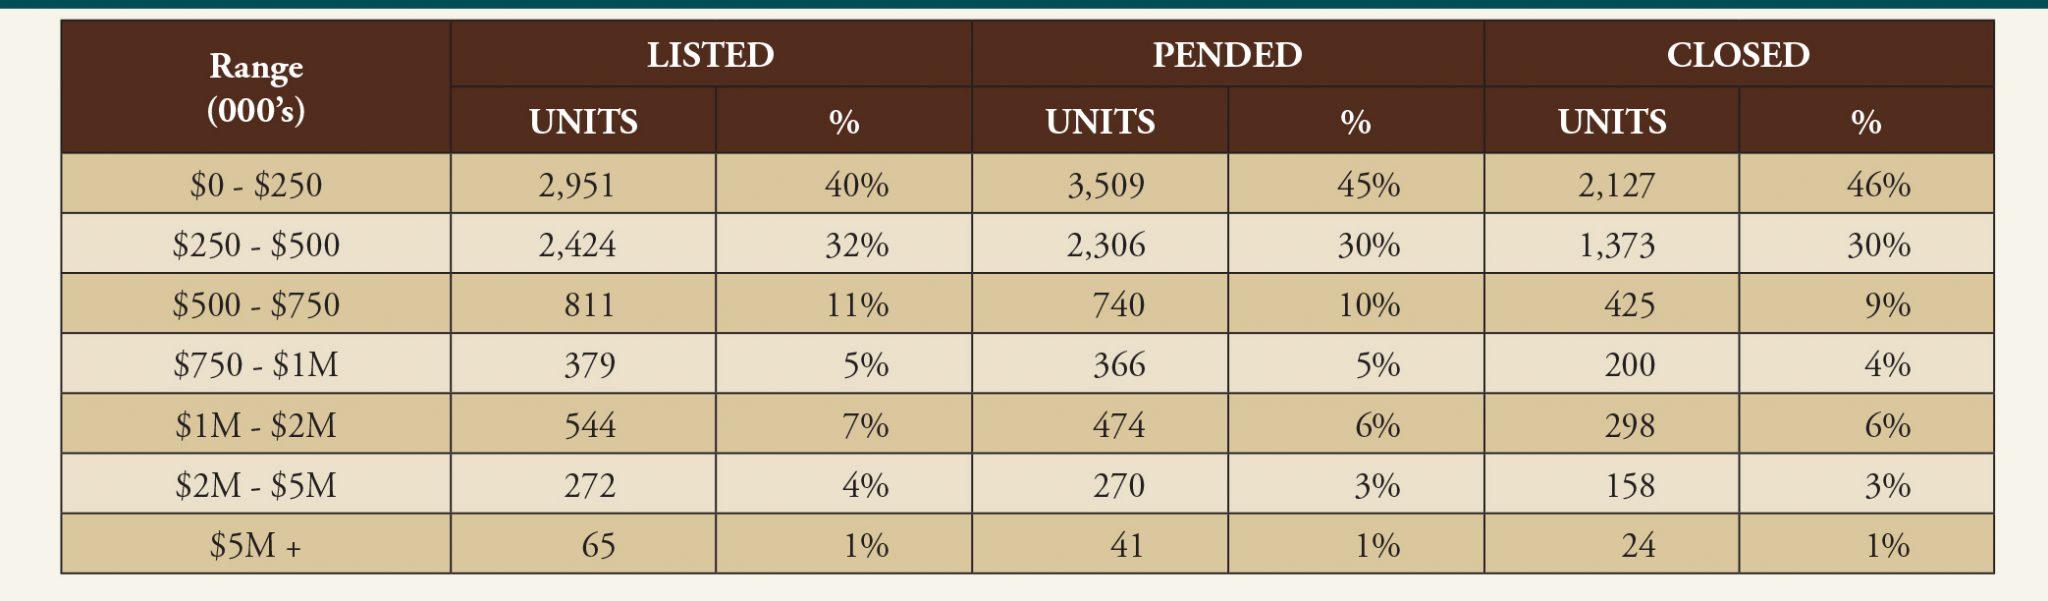 Market Report APR 2014.indd